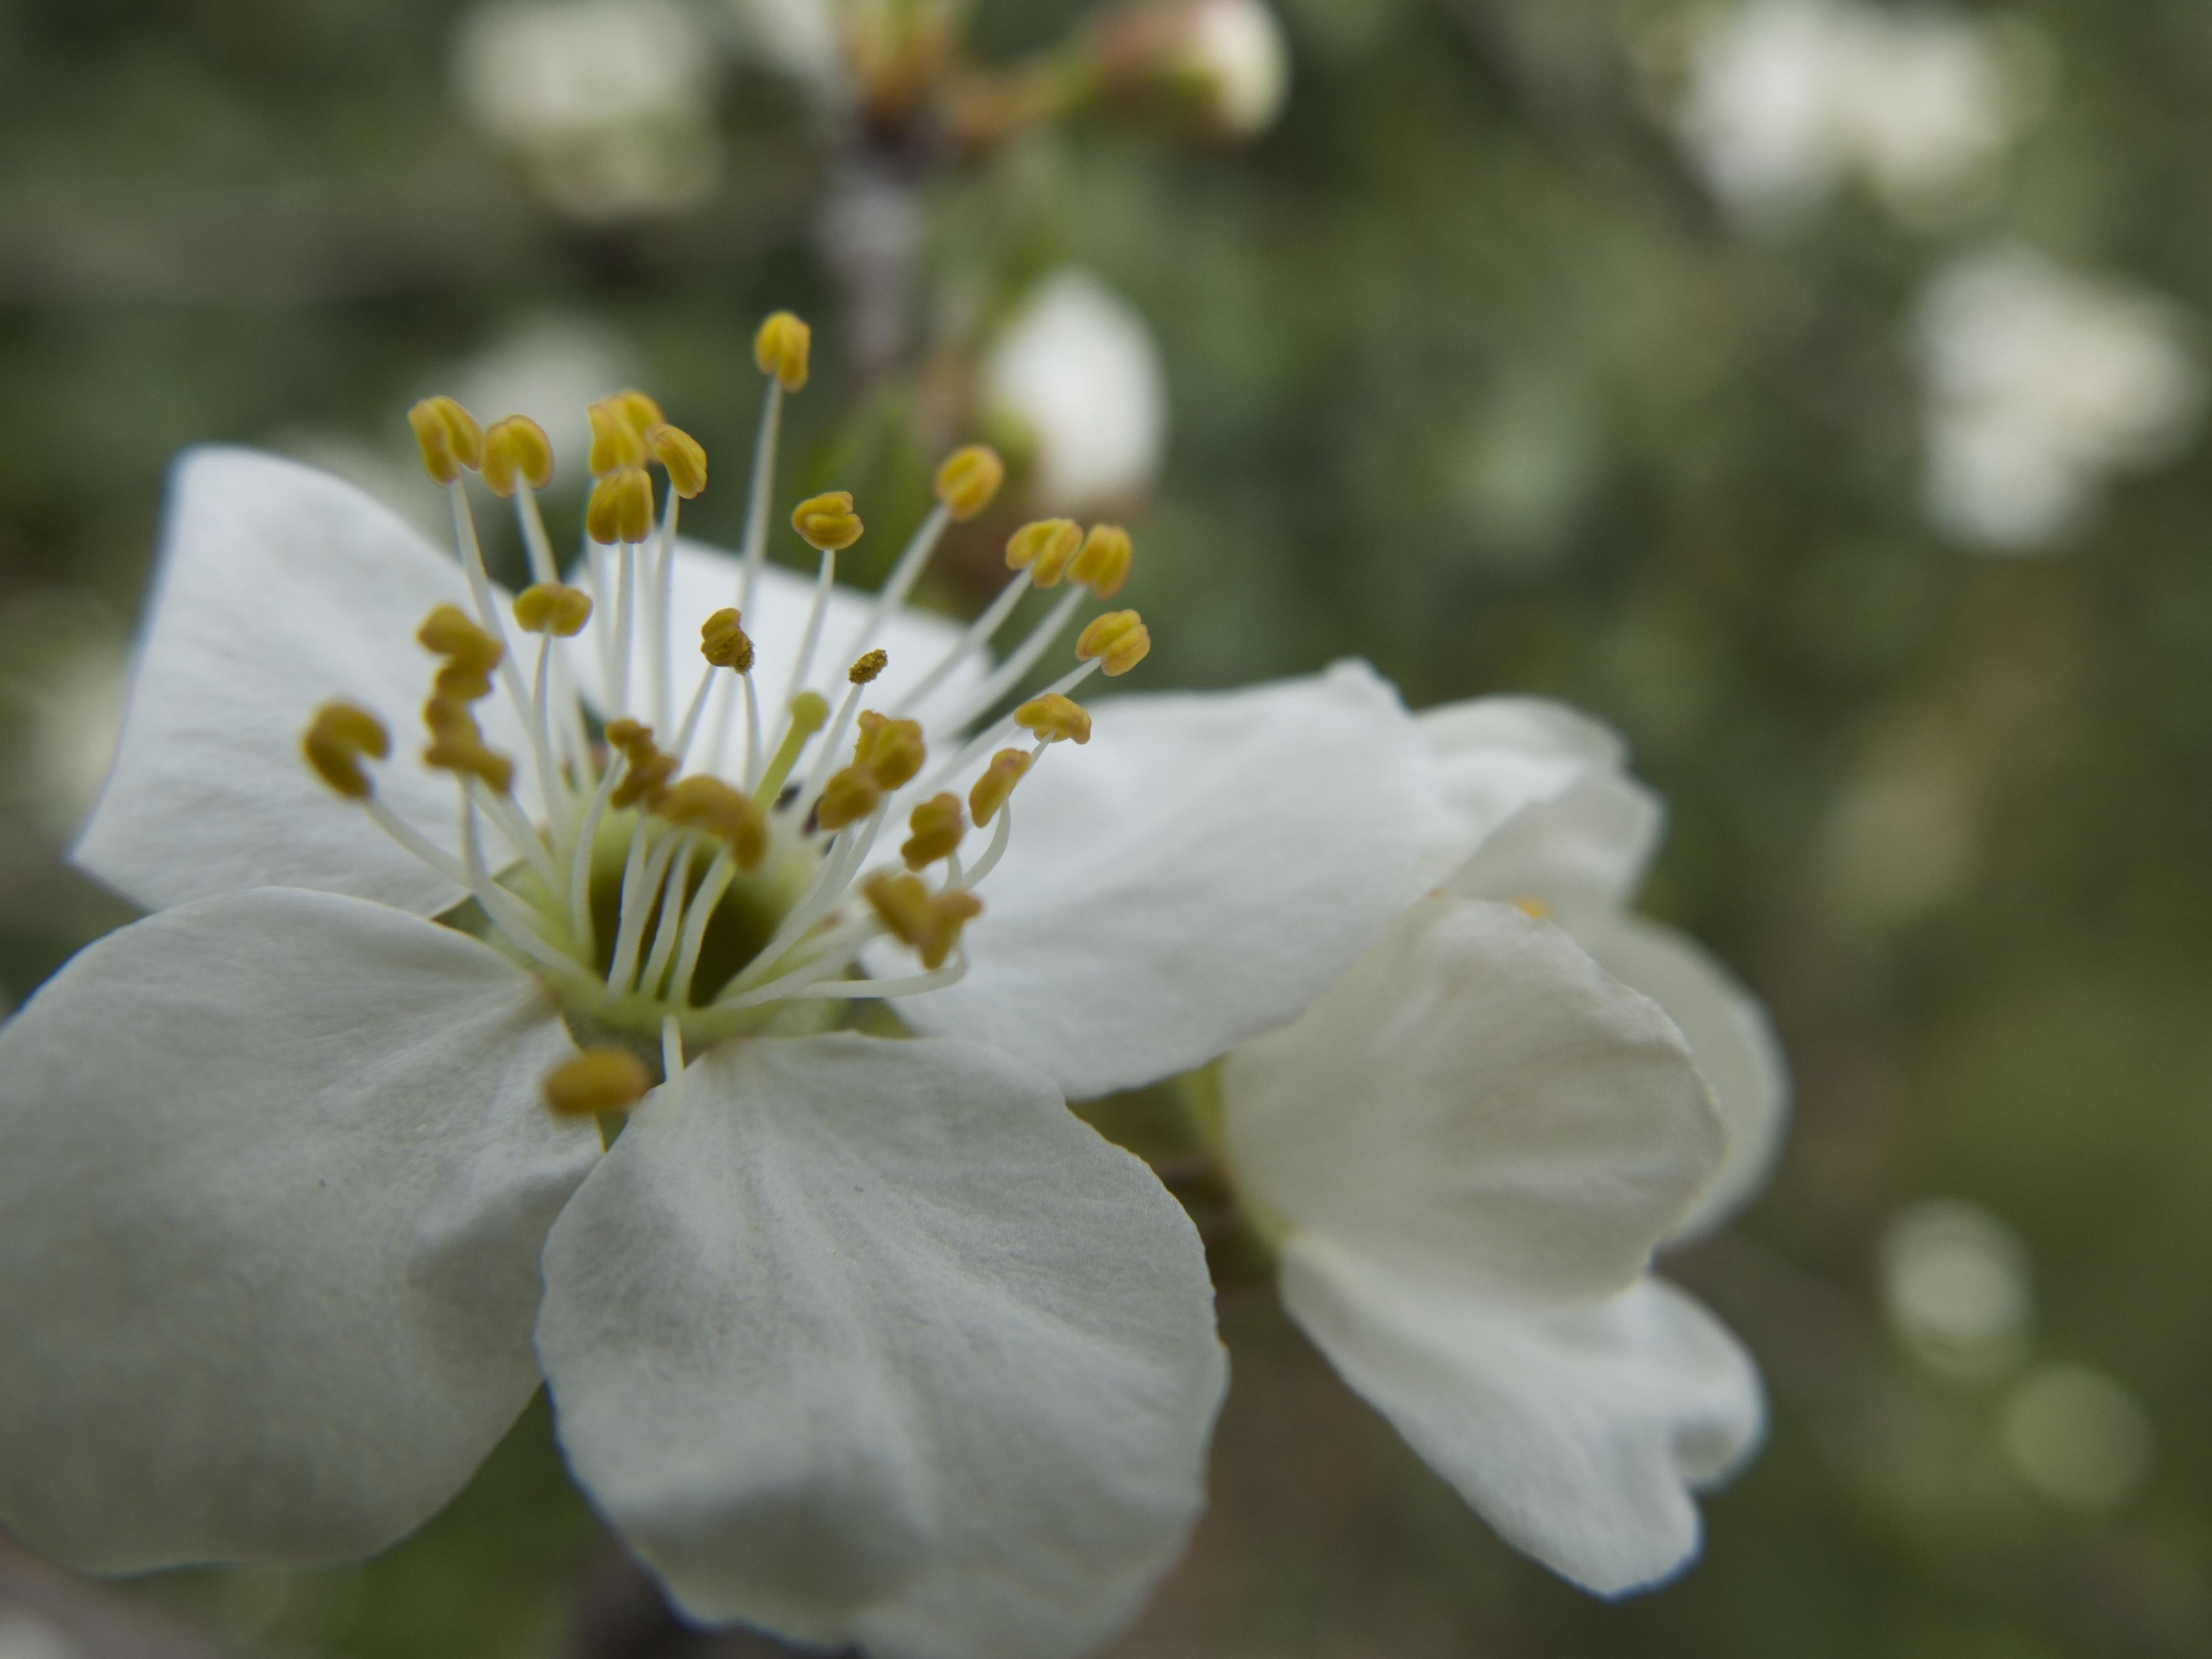 Image du jour – l'annonce du printemps.